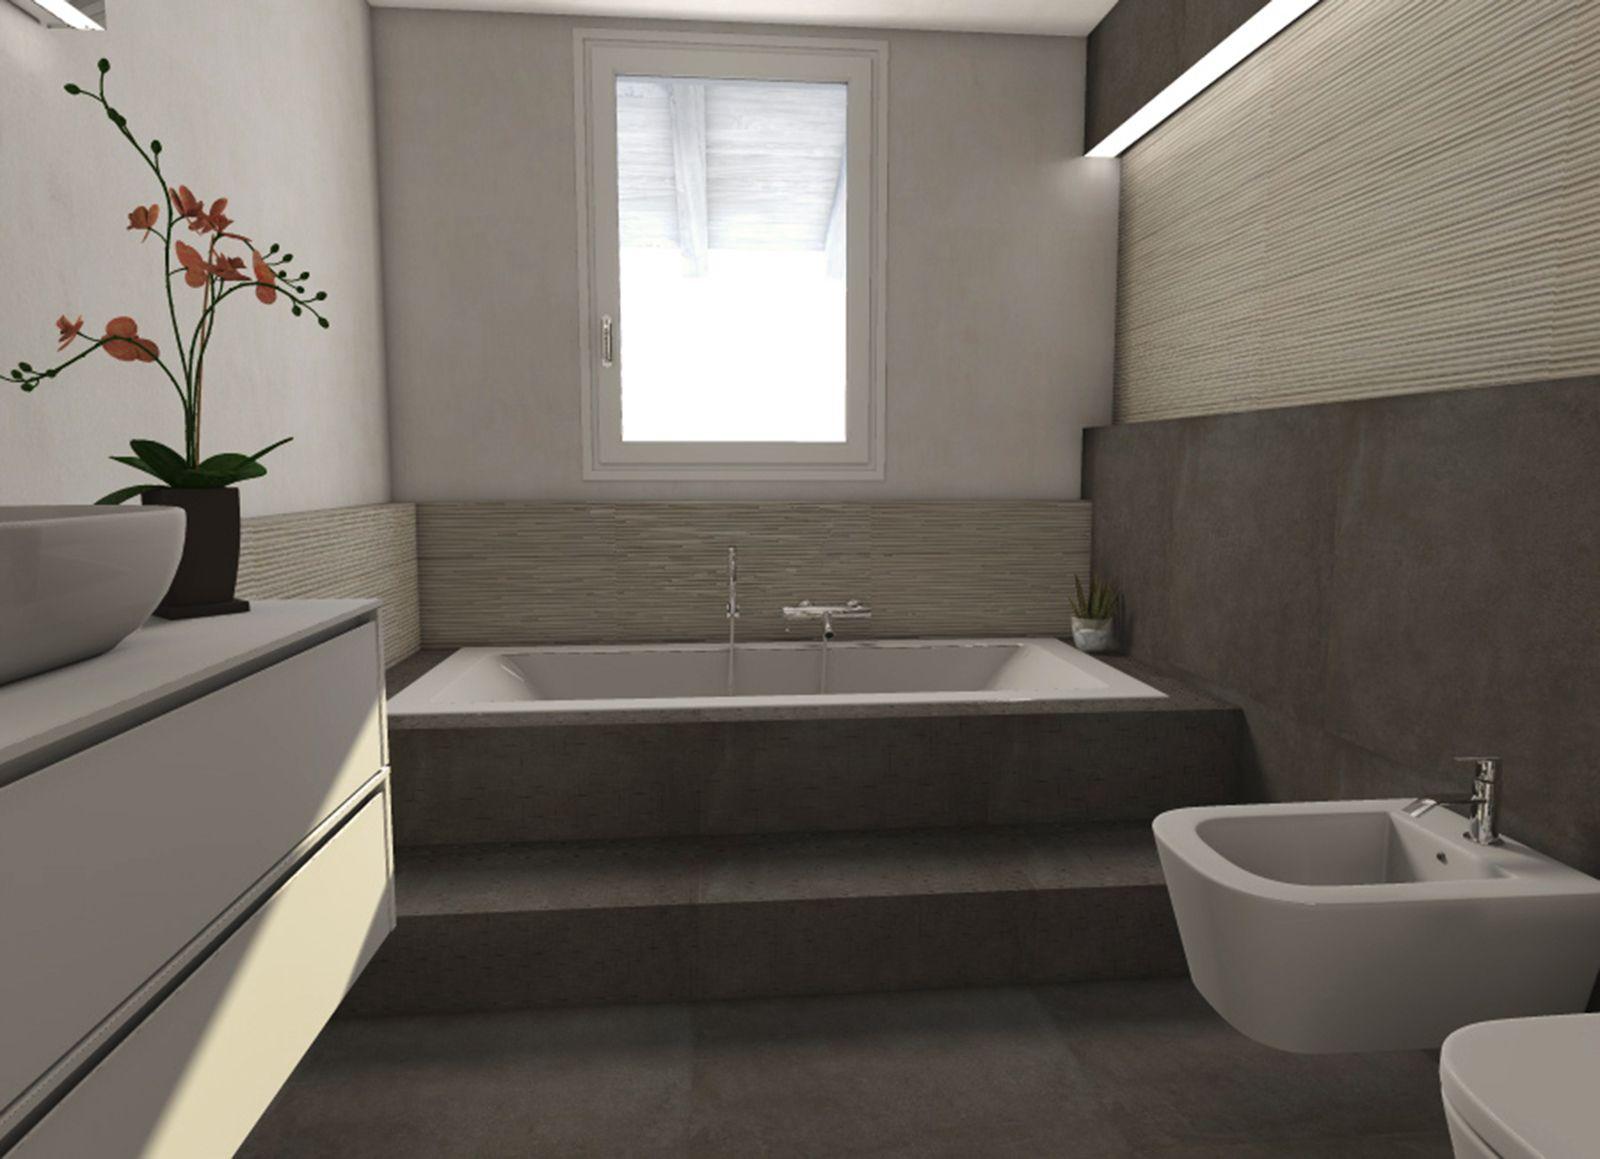 Oltre 1000 idee su arredamento da bagno grigio su pinterest ...